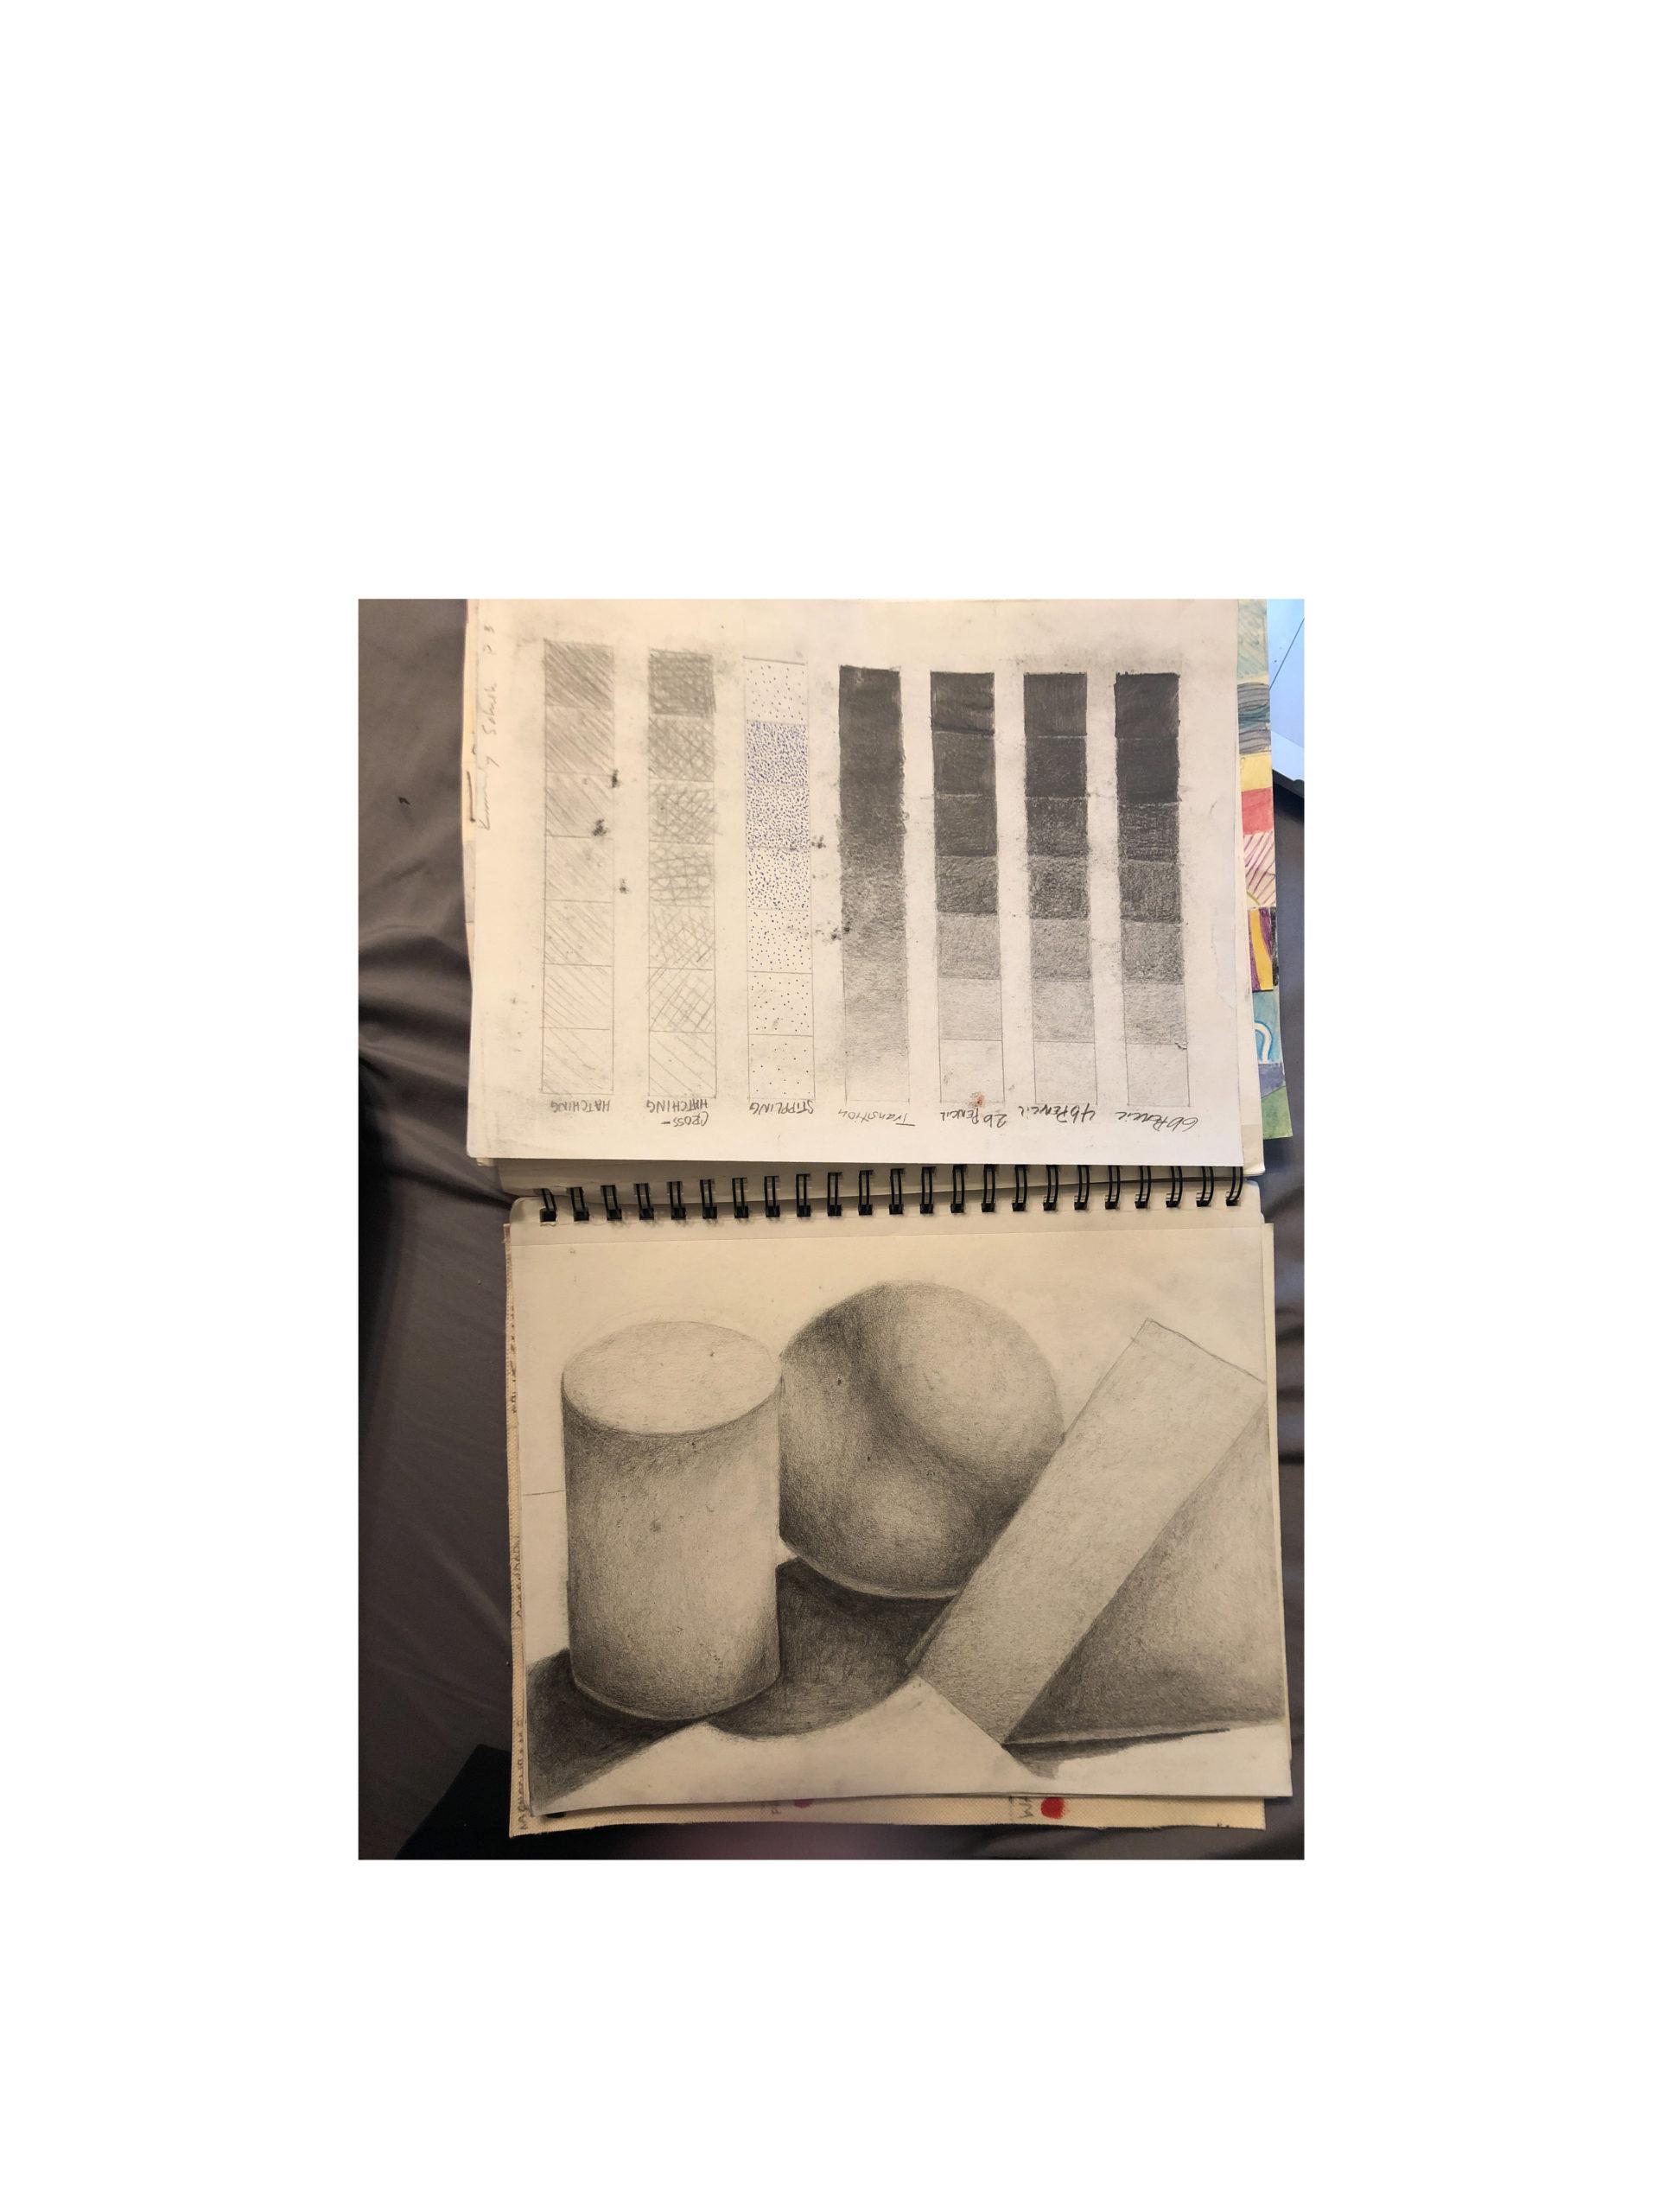 sketchbook-pg12-scaled